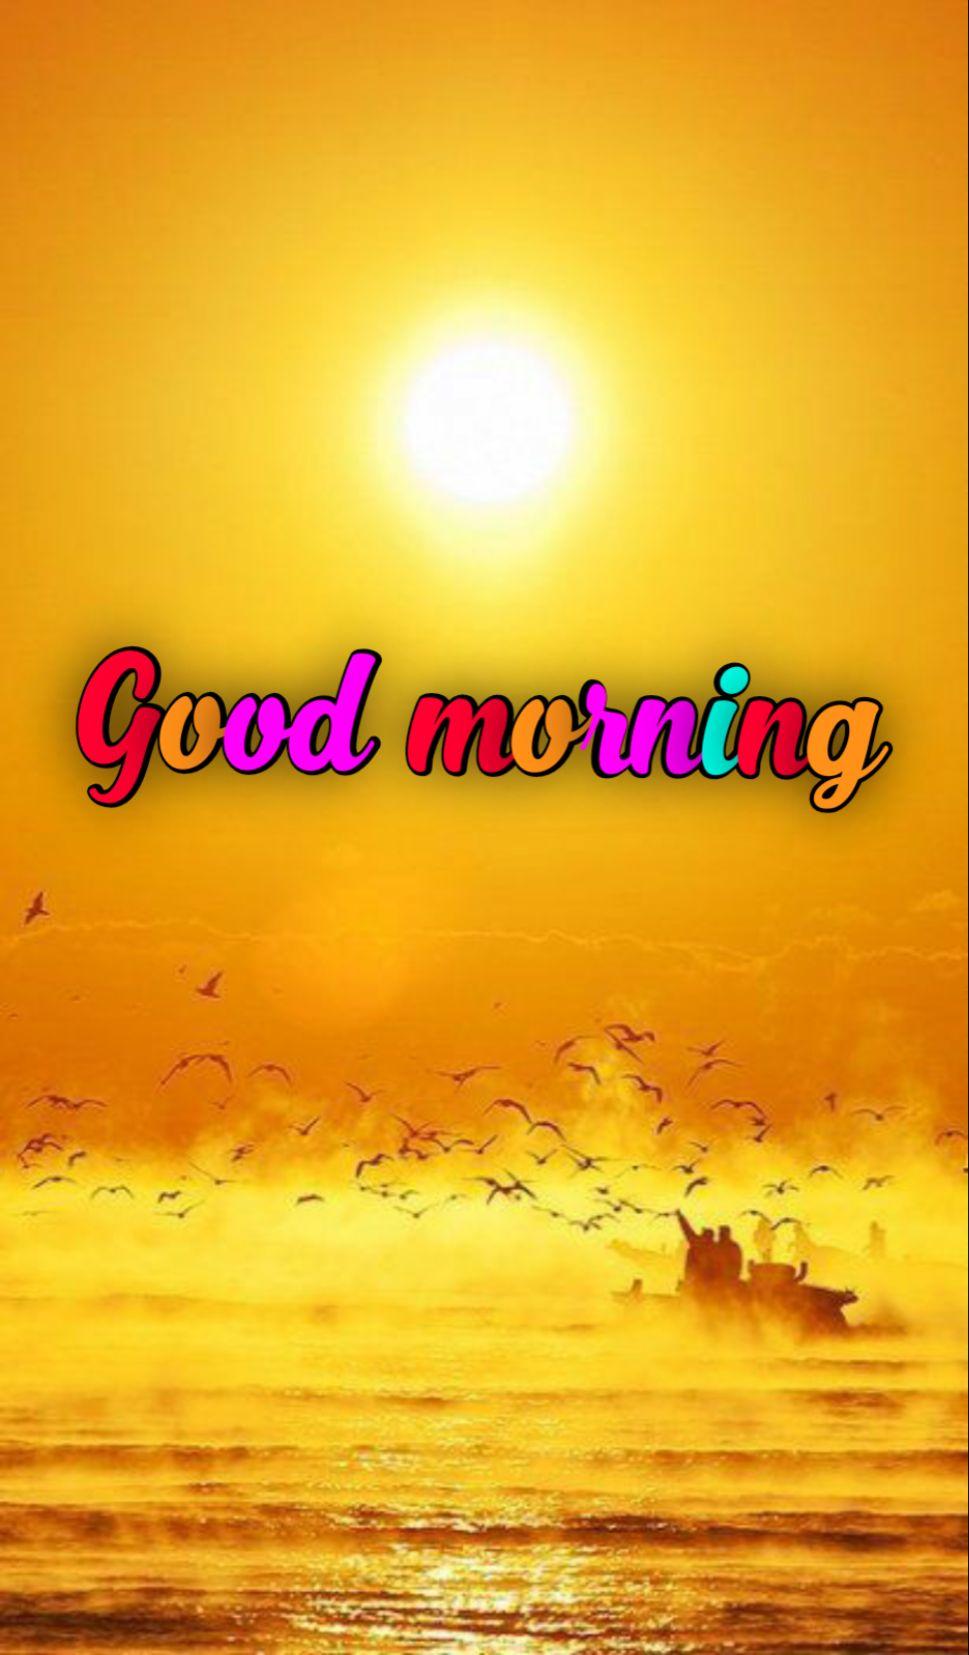 🙂 ശുഭദിനം - Good morning - ShareChat